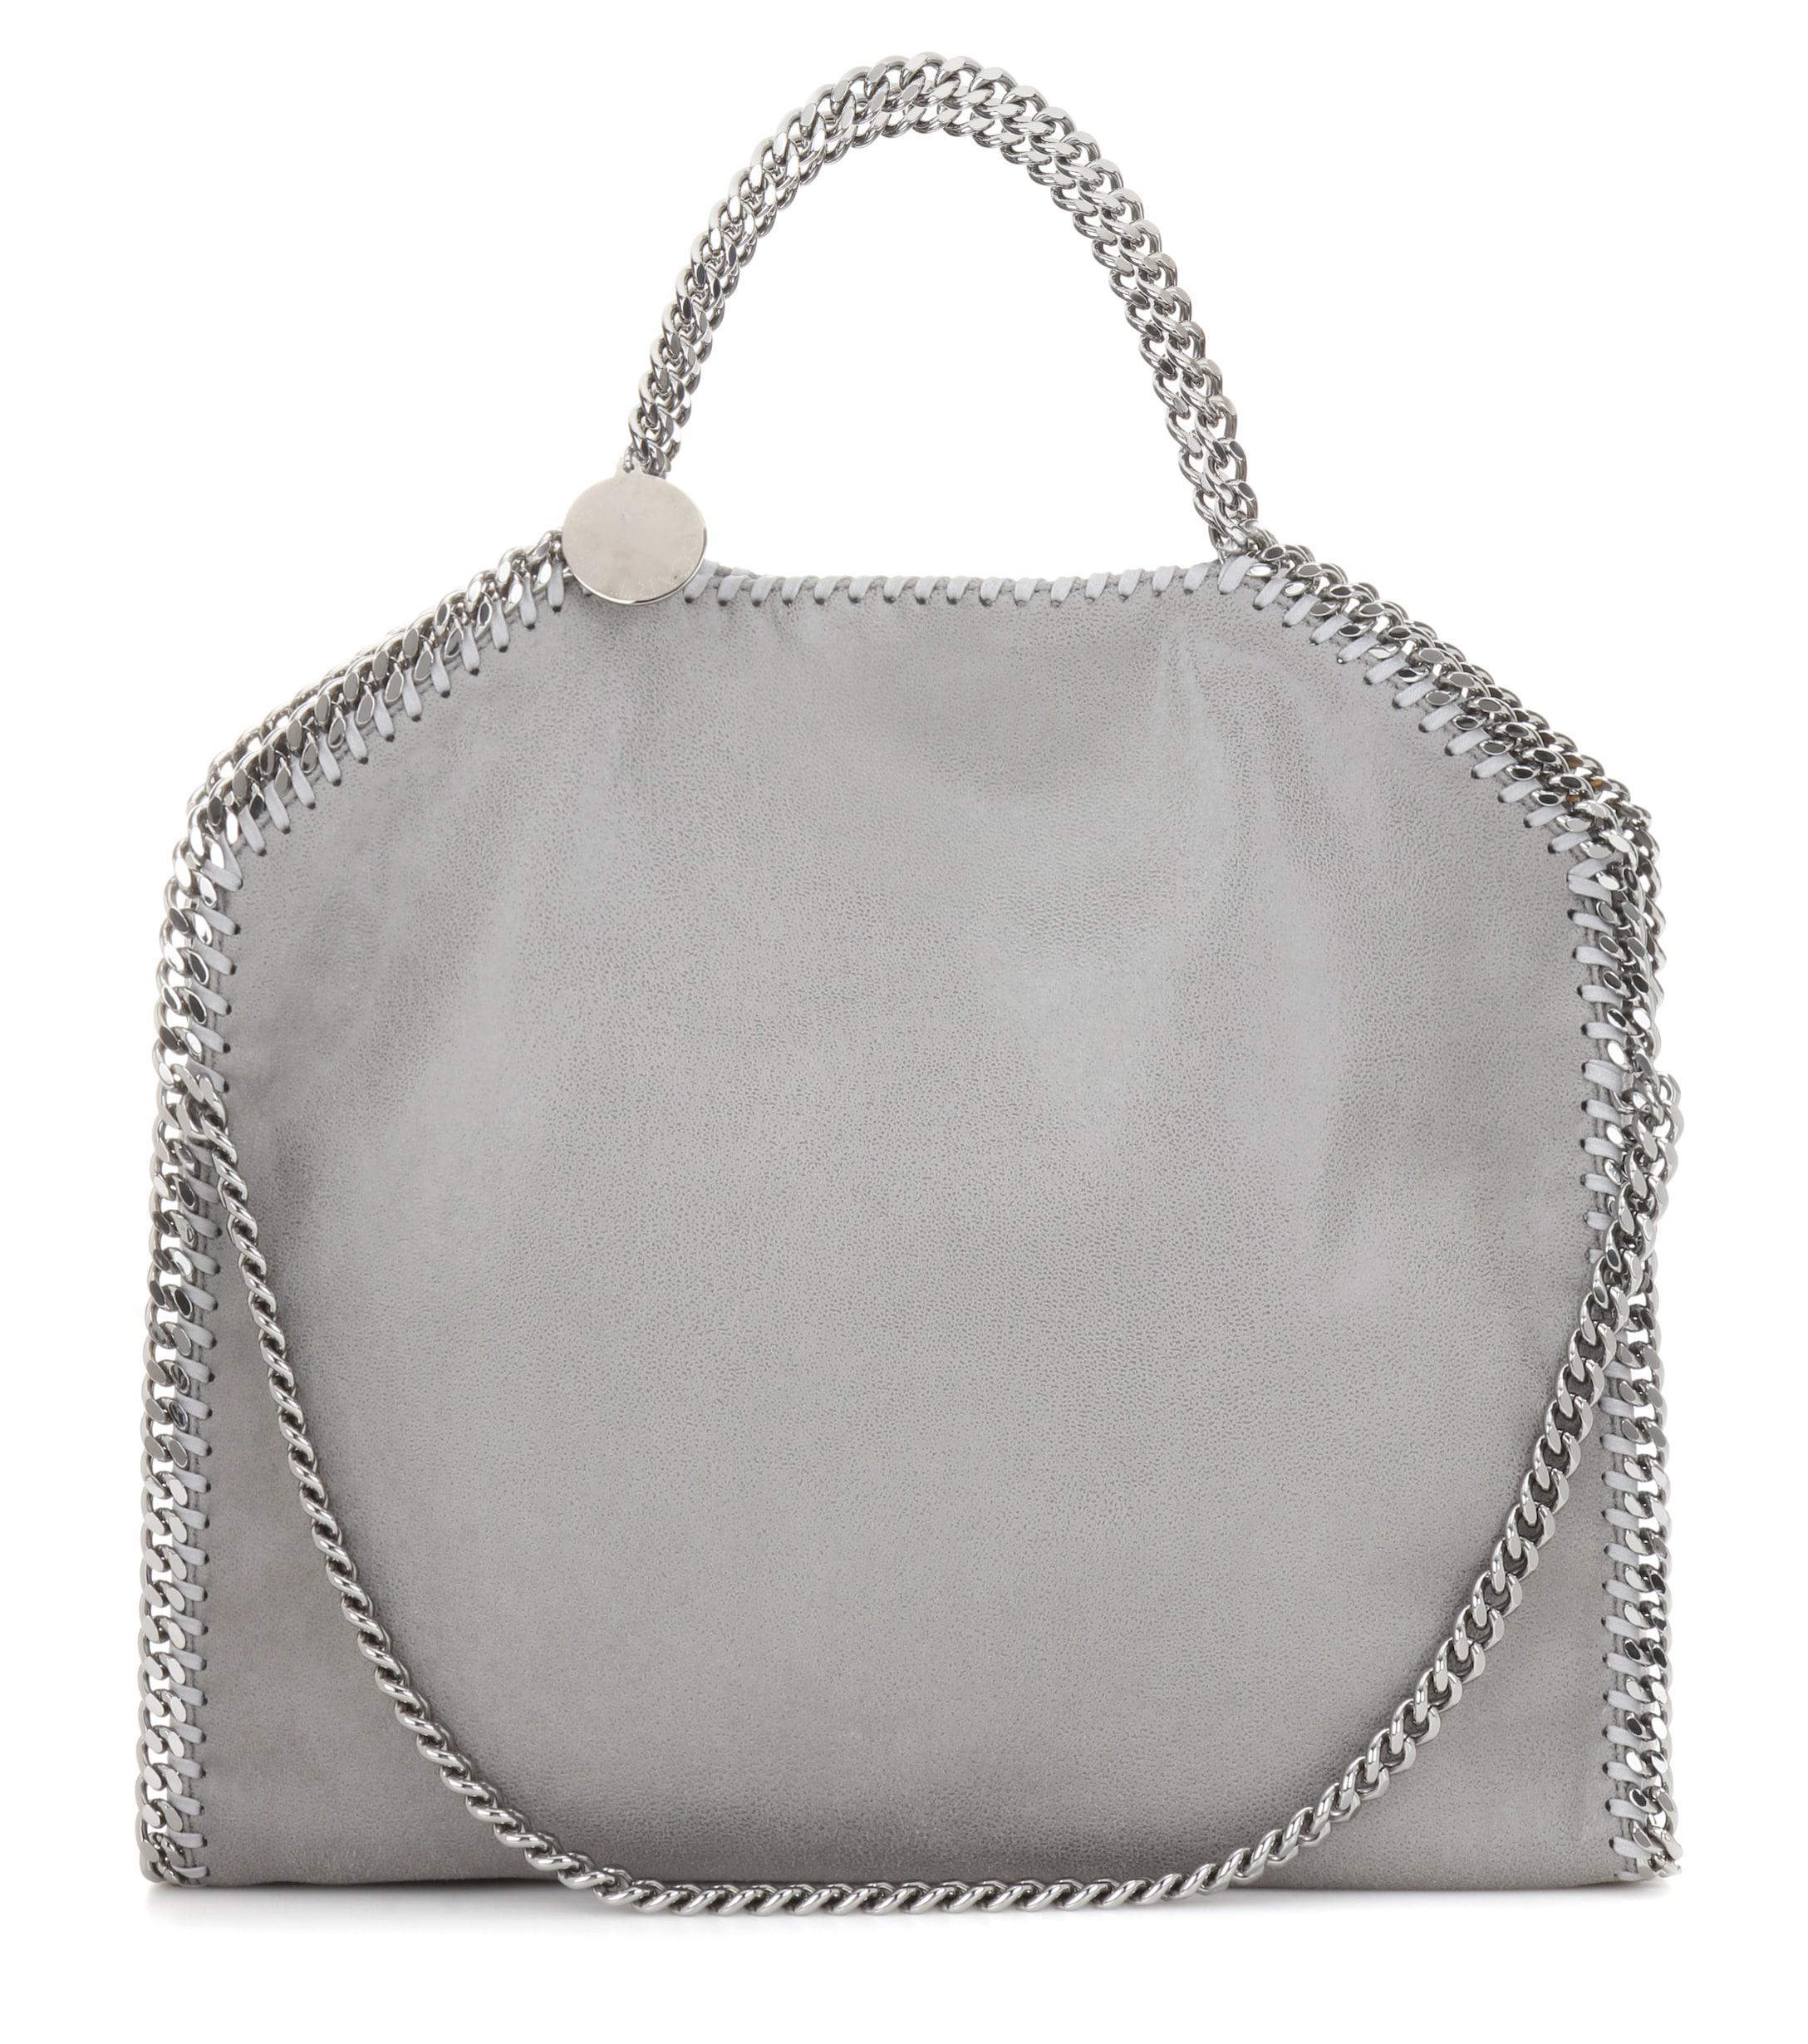 3b8f42c1a7 Lyst - Stella McCartney Small Falabella Shaggy Deer Shoulder Bag in Gray